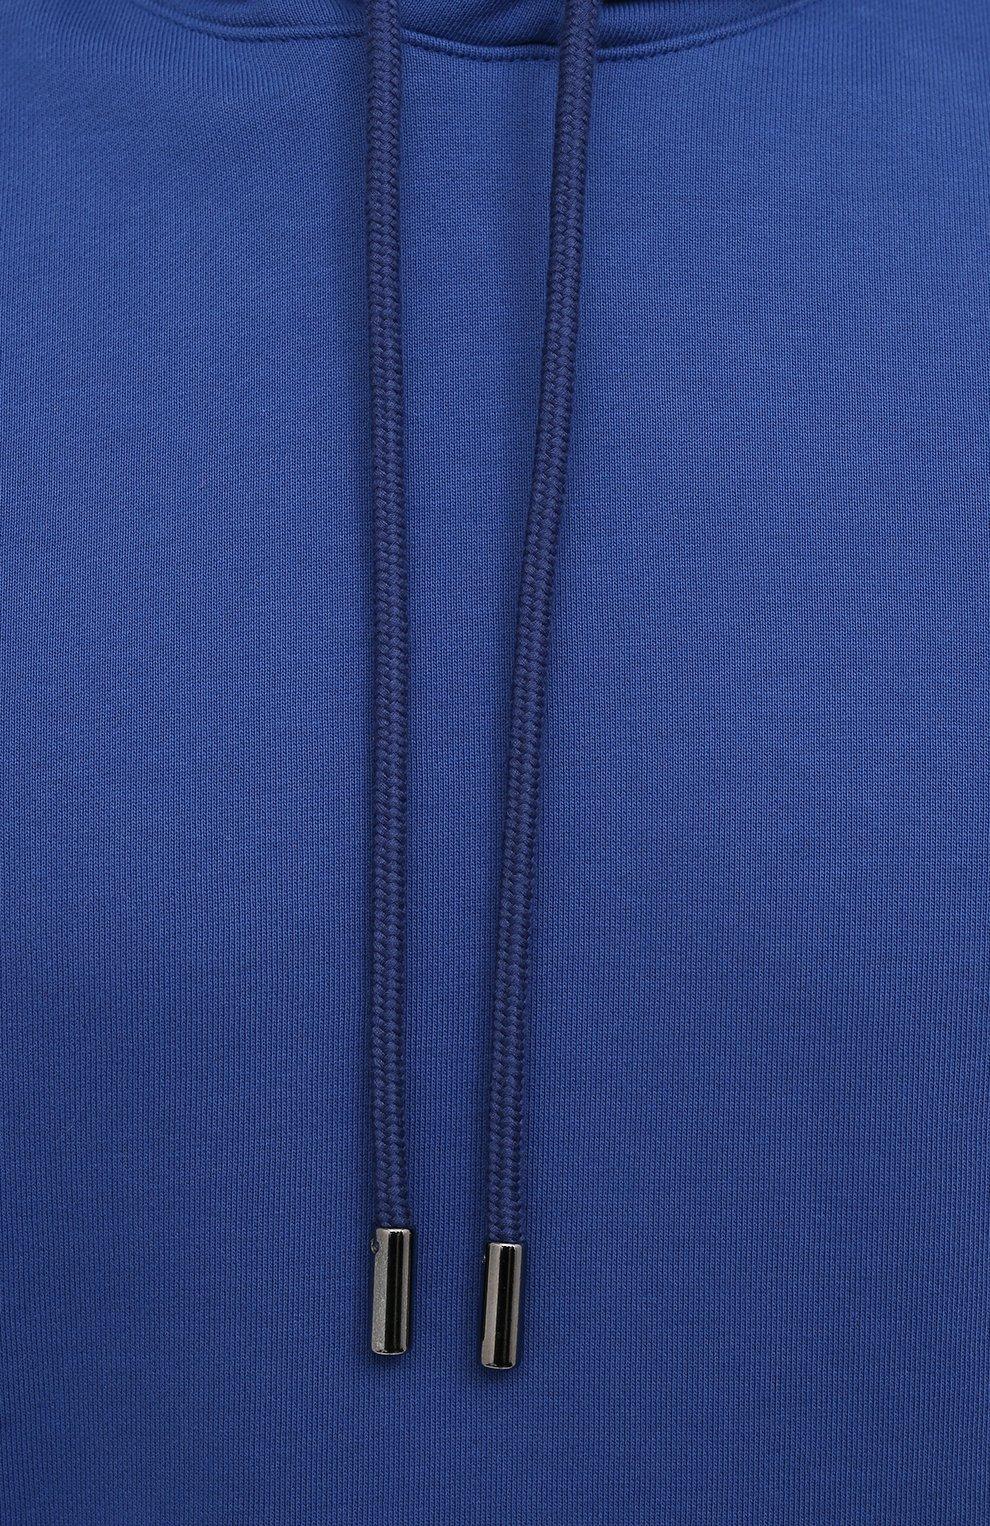 Мужской хлопковое худи OPENING CEREMONY синего цвета, арт. YMBB001S21FLE001 | Фото 5 (Рукава: Длинные; Длина (для топов): Стандартные; Стили: Гранж, Спорт-шик; Принт: С принтом; Мужское Кросс-КТ: Худи-одежда; Материал внешний: Хлопок)